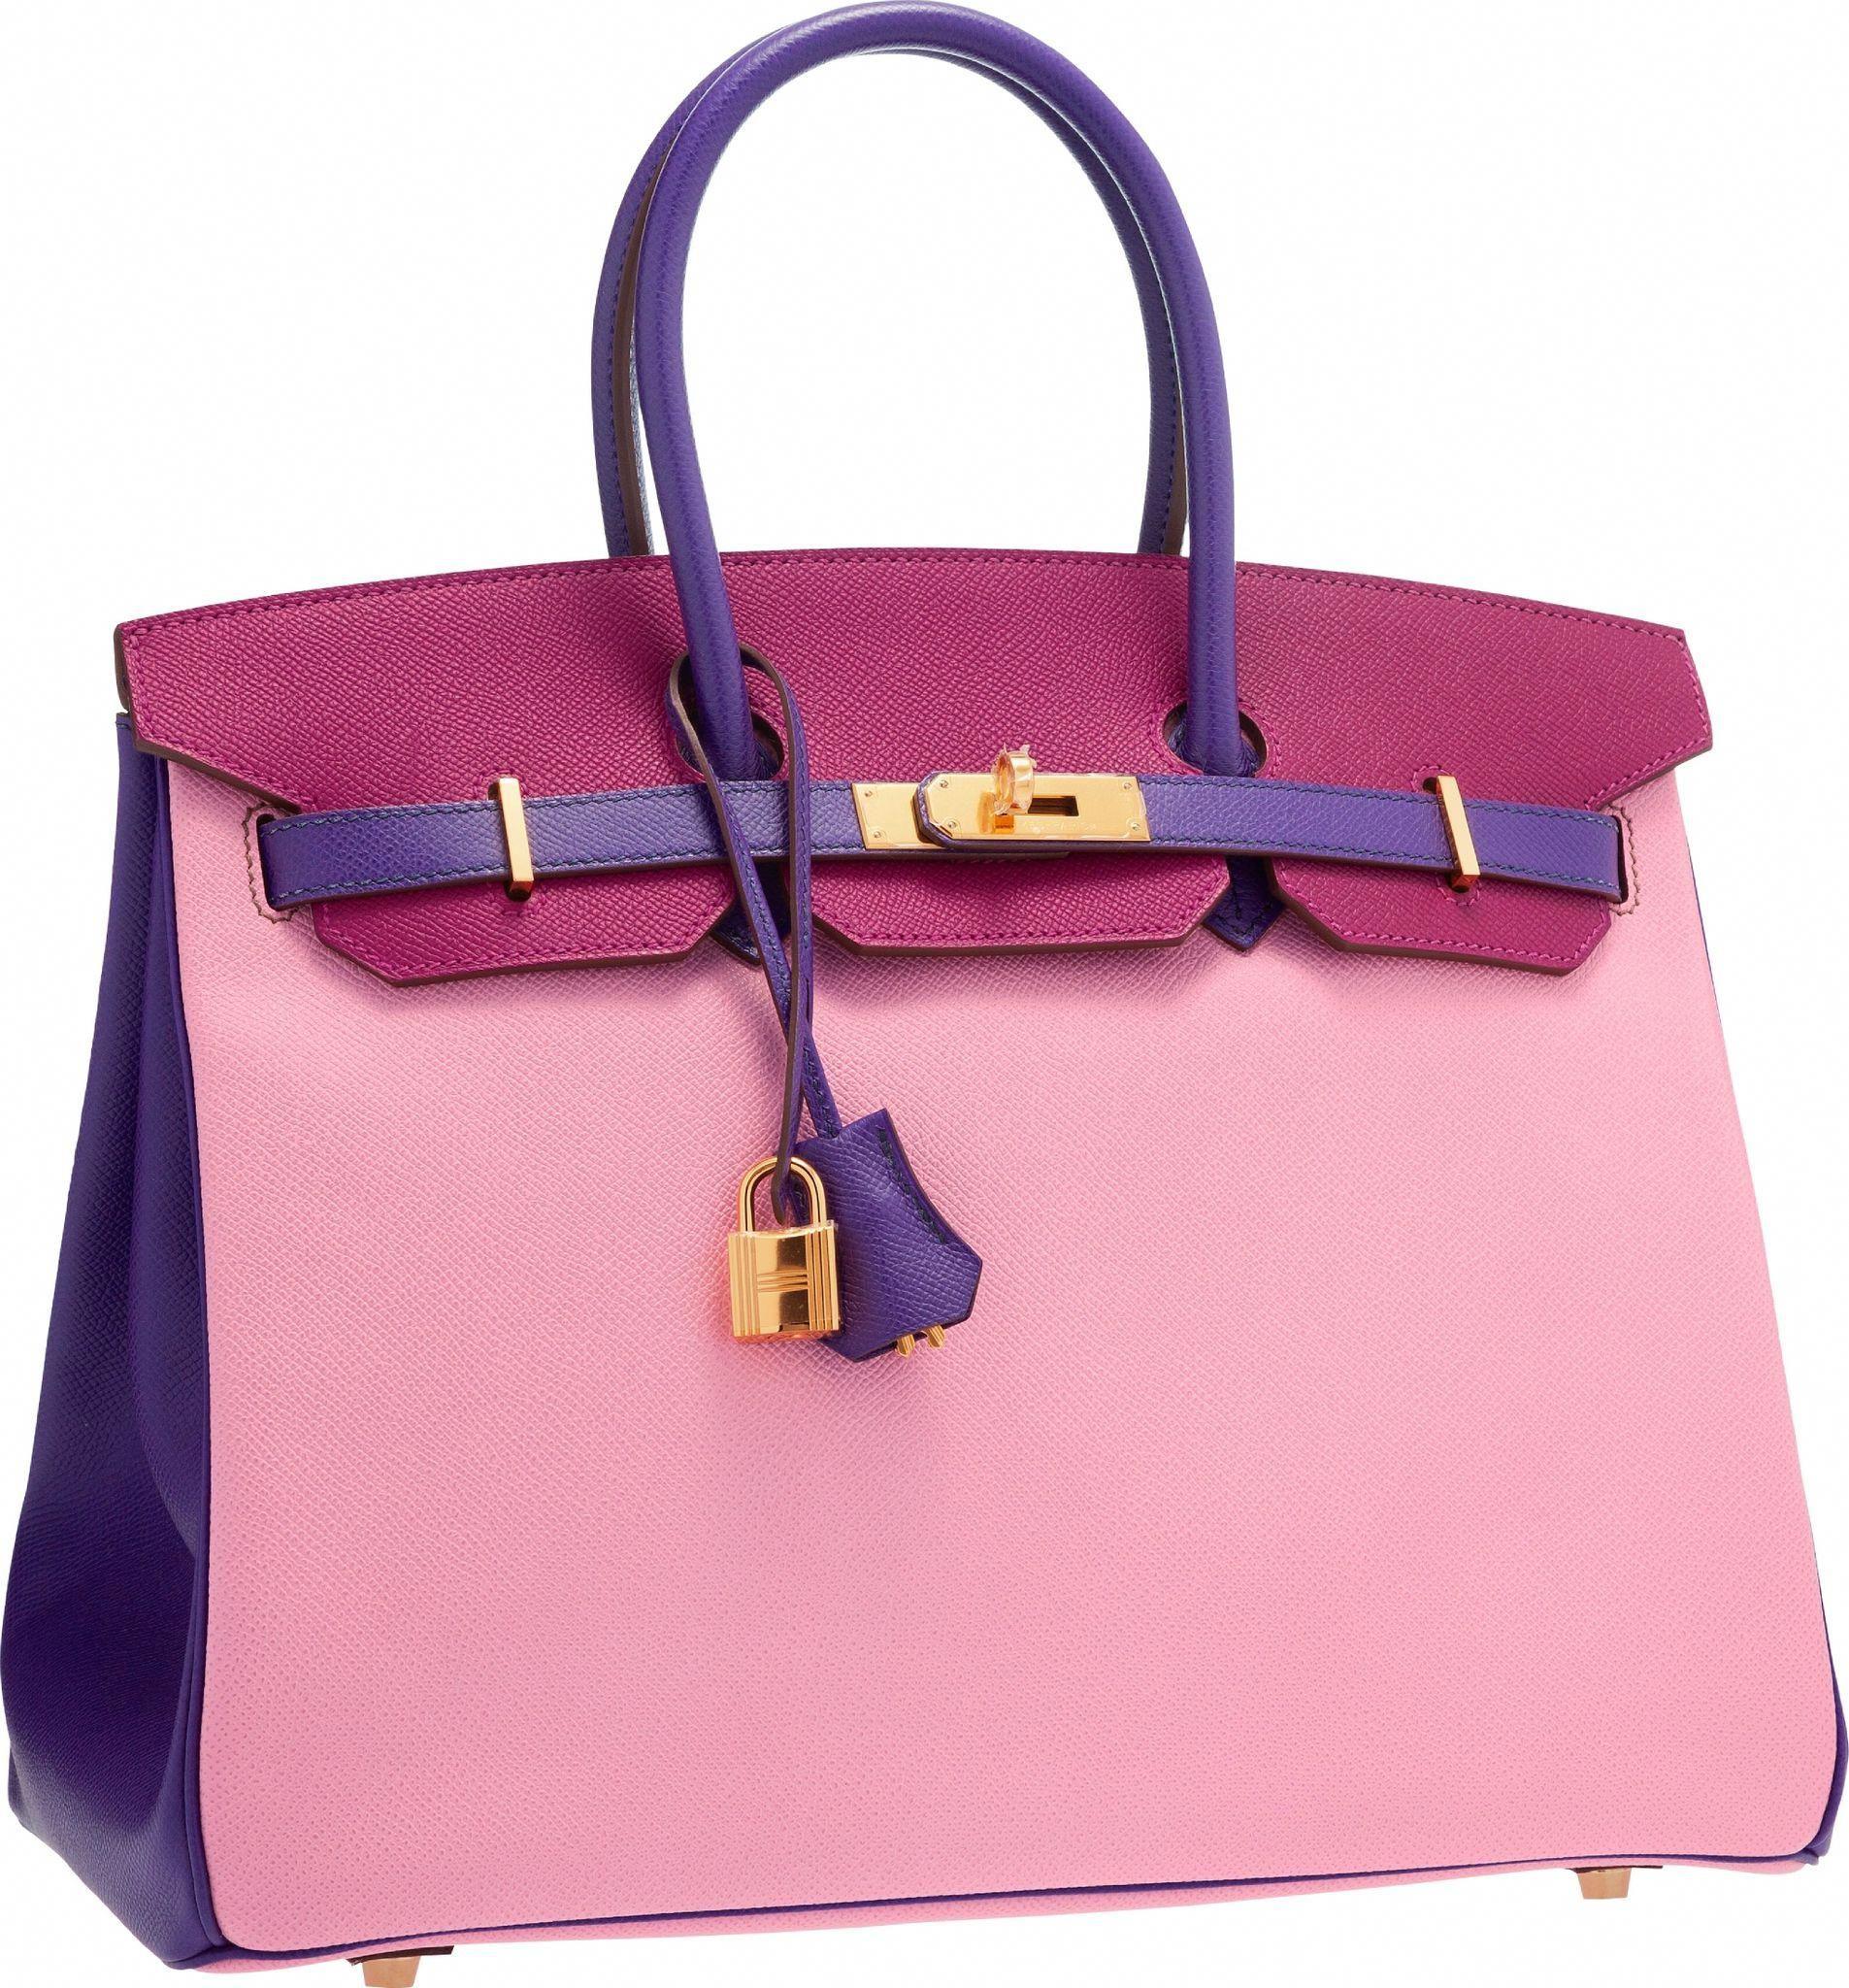 Hermes Special Order Horseshoe 35cm 5P Bubblegum Pink, Tosca   Crocus Epsom  Leather Birkin Bag with Gold Hardware.  Hermeshandbags 08baf37448